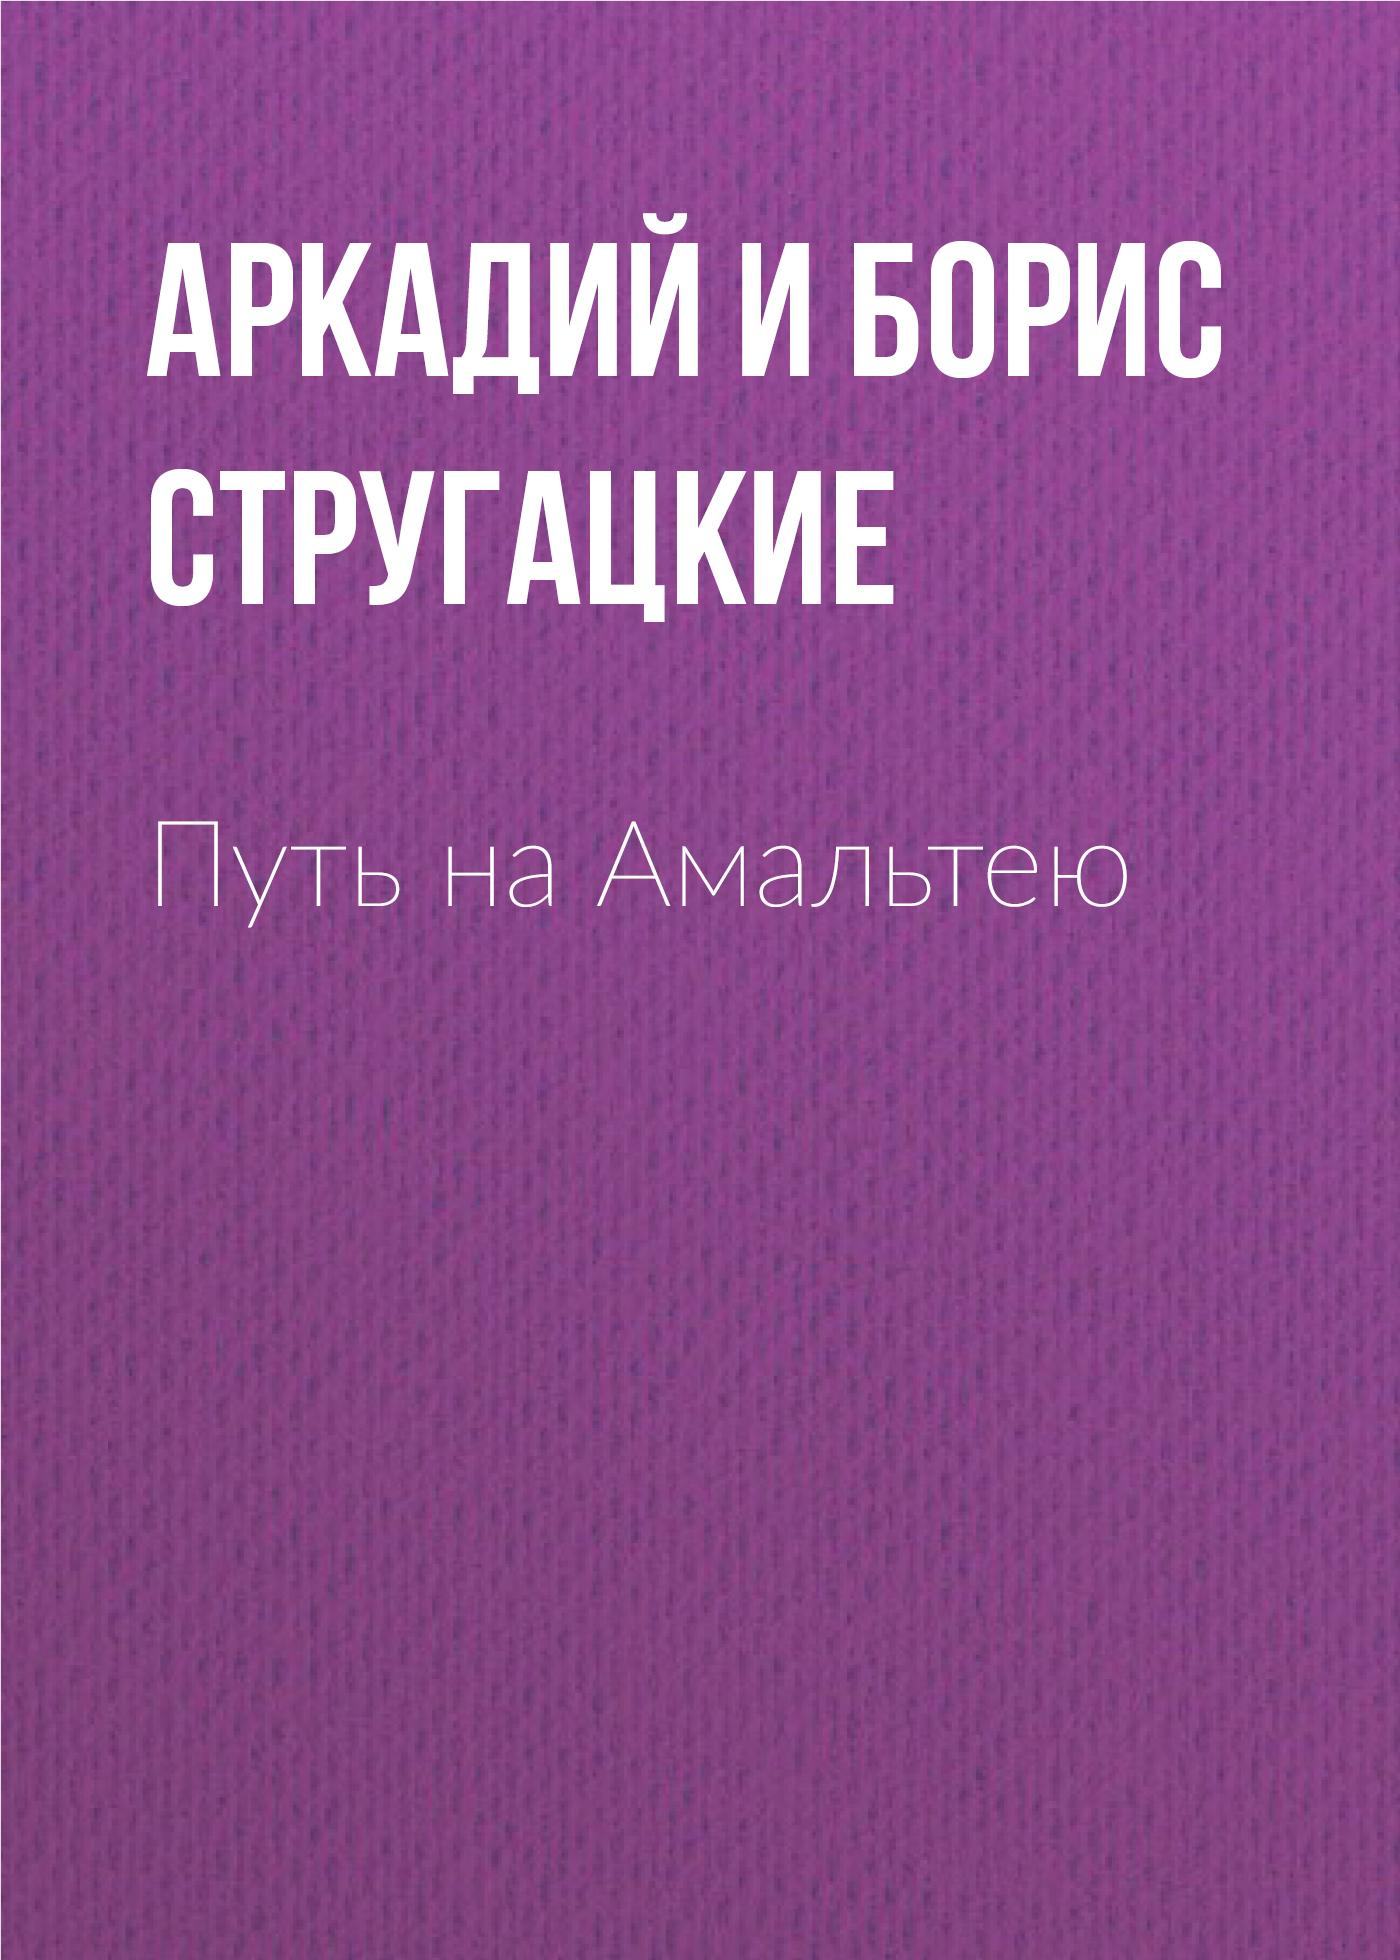 Аркадий и Борис Стругацкие Путь на Амальтею аркадий и борис стругацкие испытание скибр